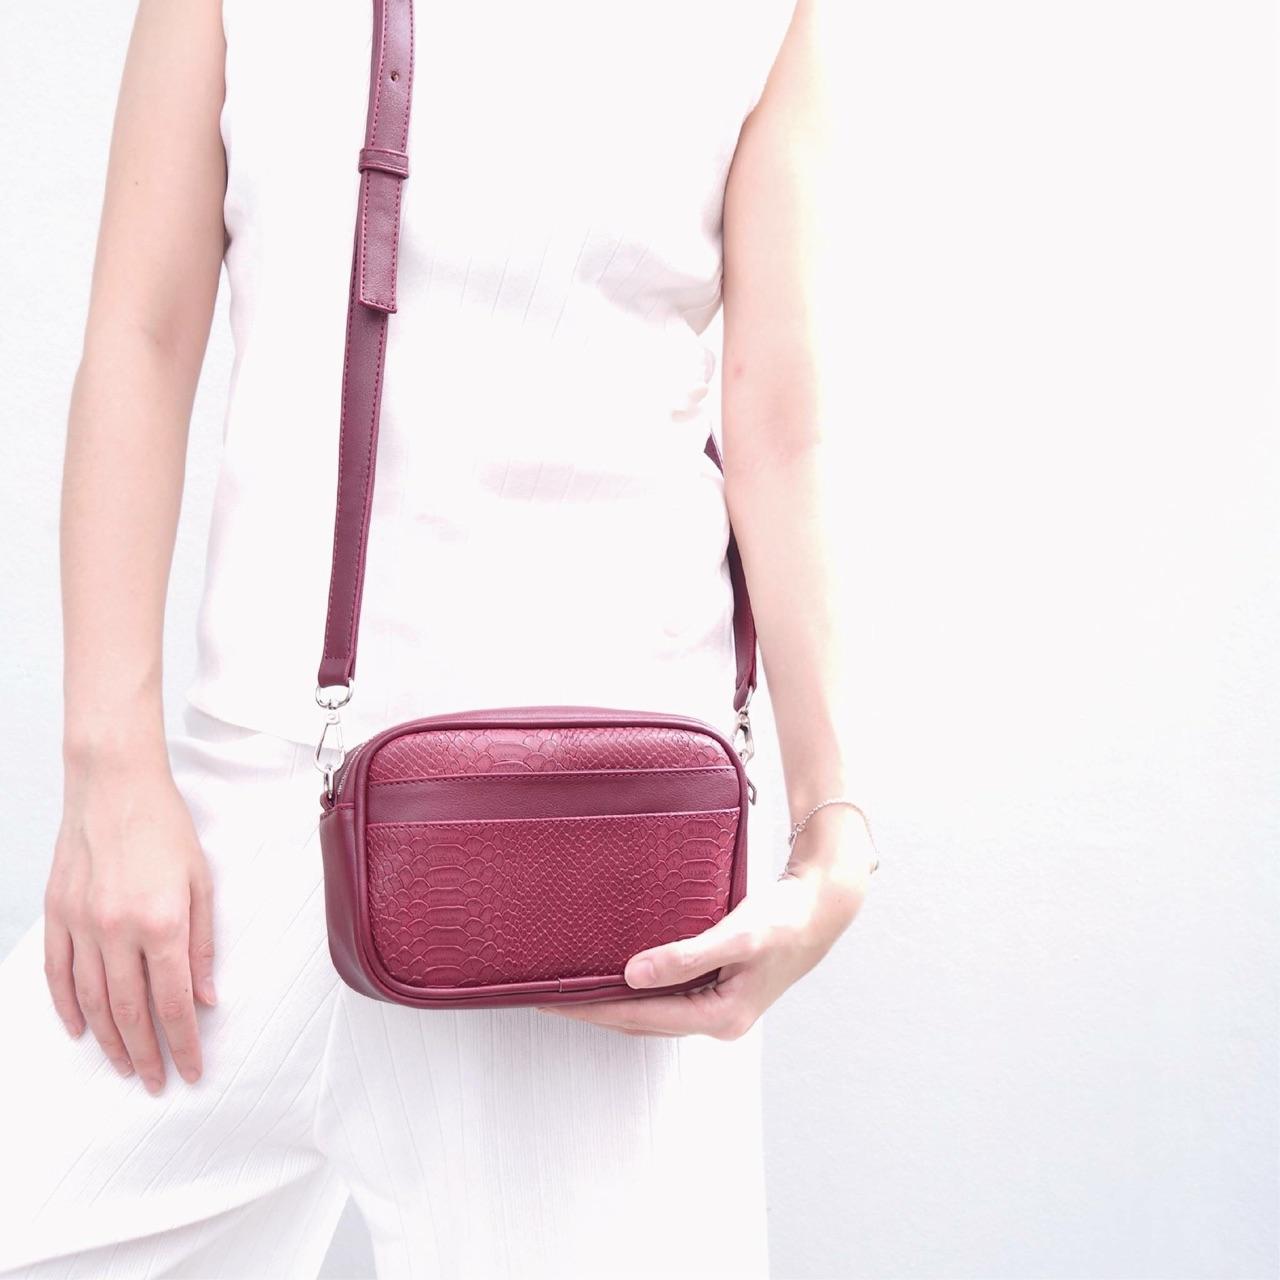 กระเป๋า,กระเป๋าผู้หญิง,กระเป๋าสะพาย